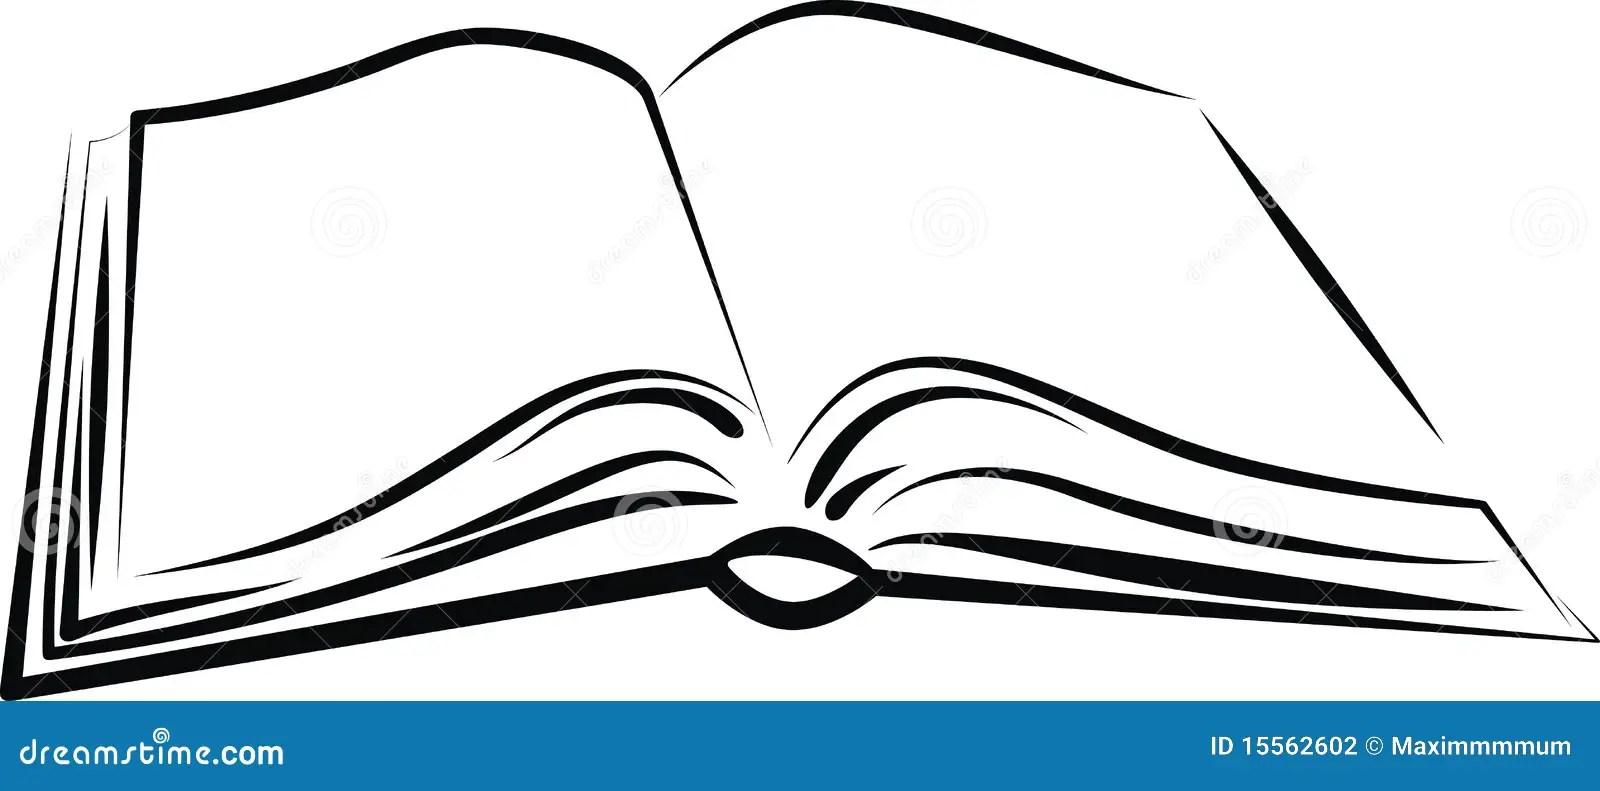 Buch vektor abbildung. Illustration von abbildung, einzeln